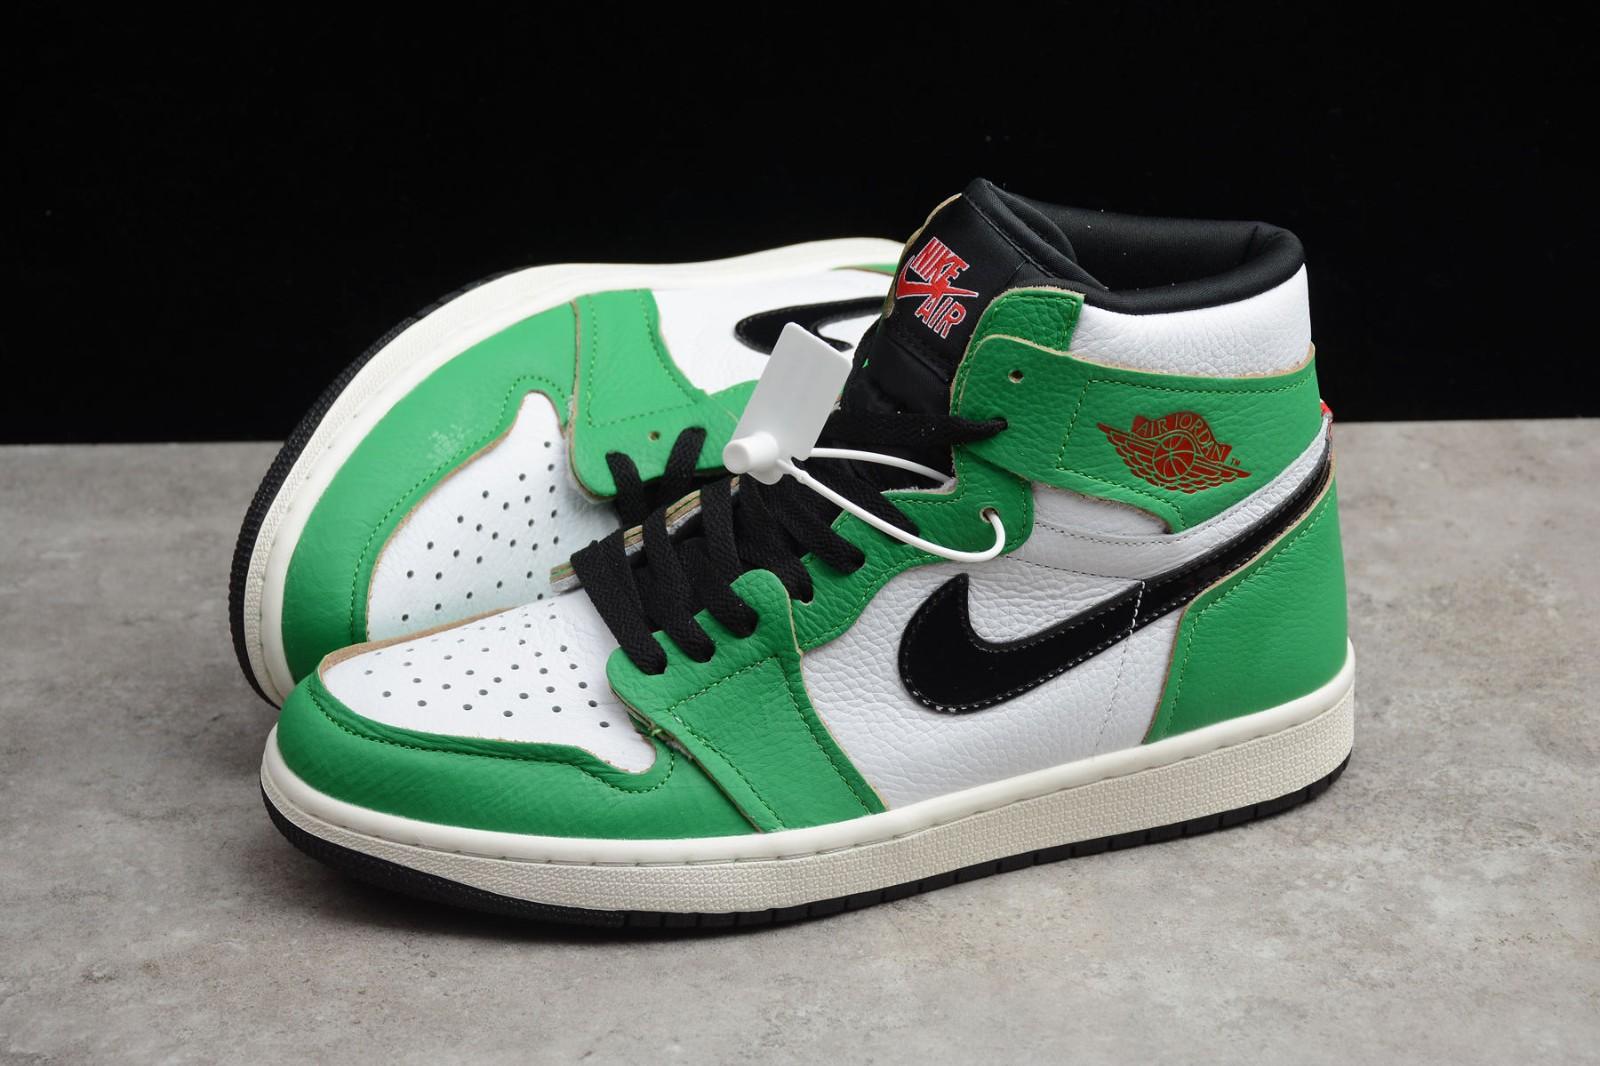 Air Jordan 1 Retro OG womens Lucky Green will leave